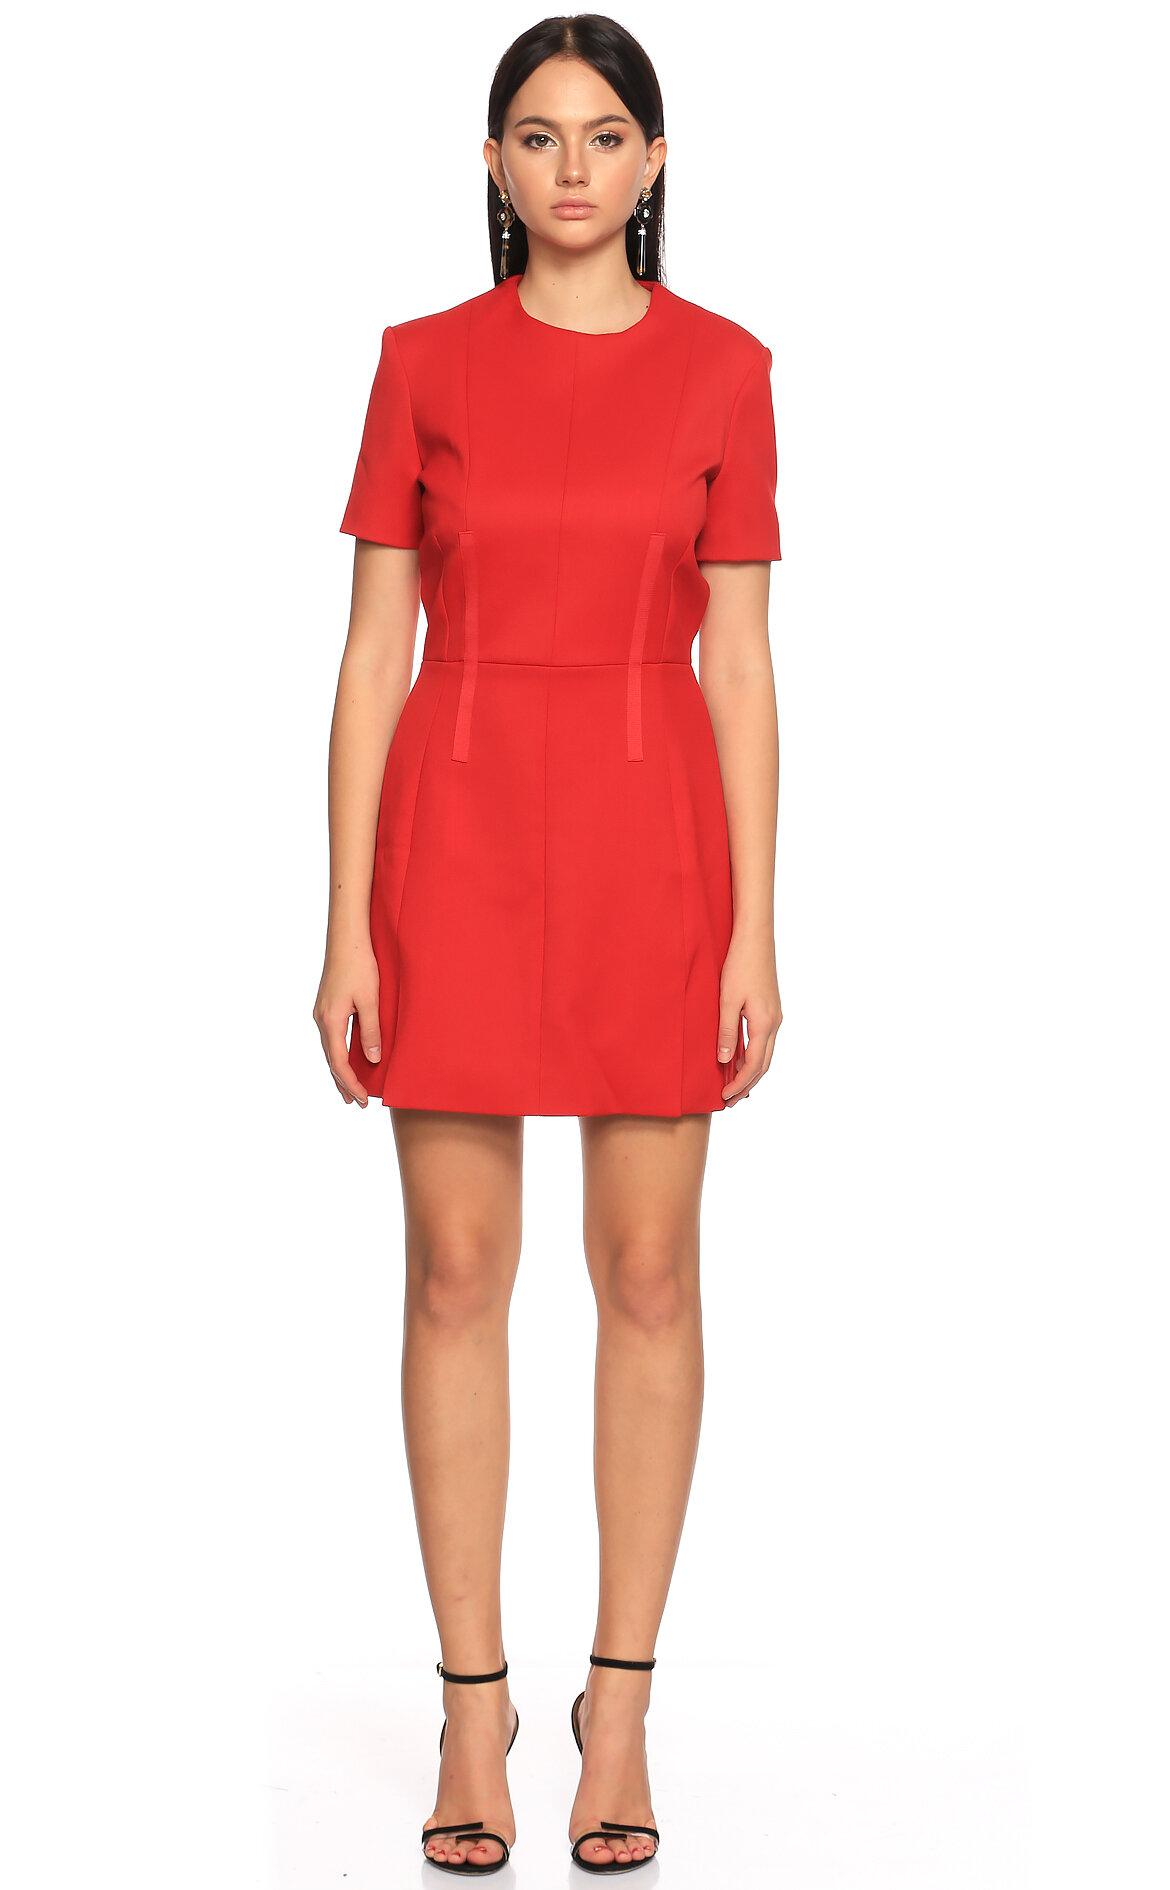 Carven-Carven Kırmızı Mini Kısa Kollu Elbise